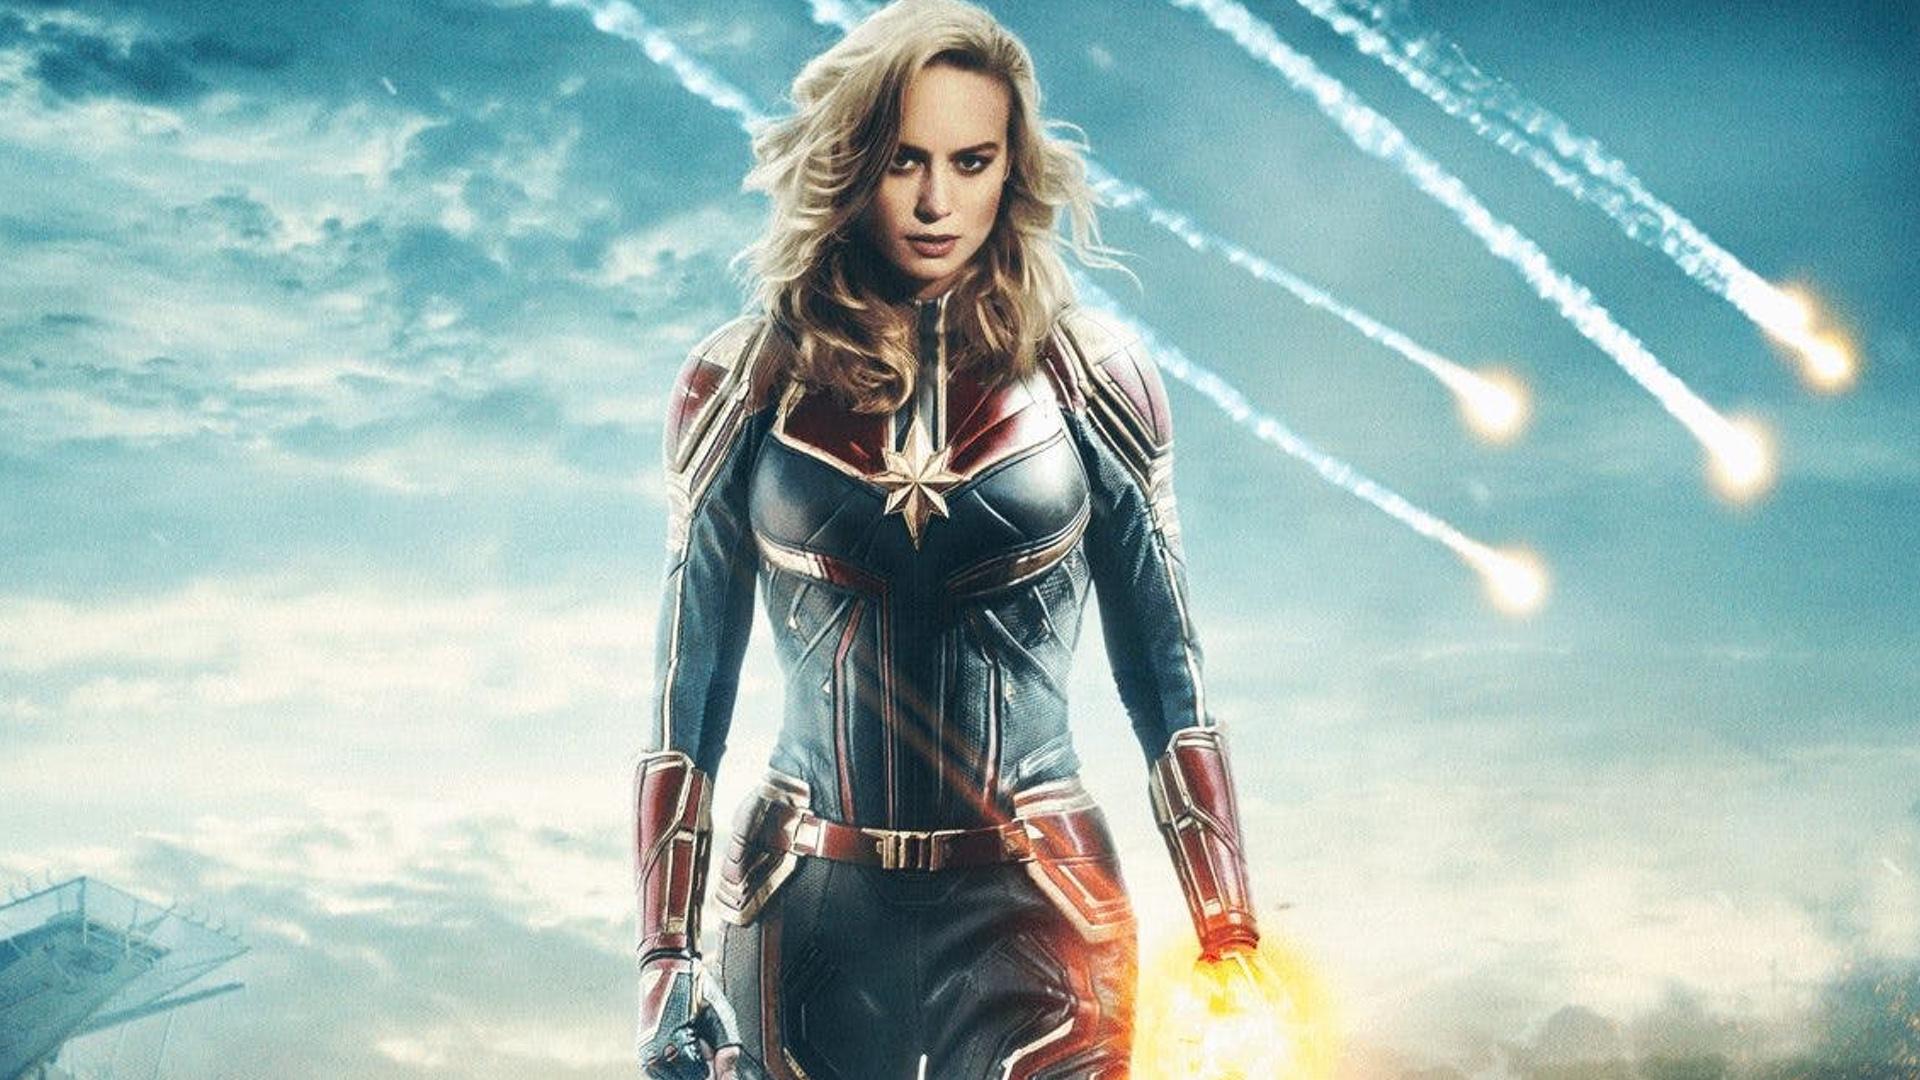 Praticando inglês com Captain Marvel